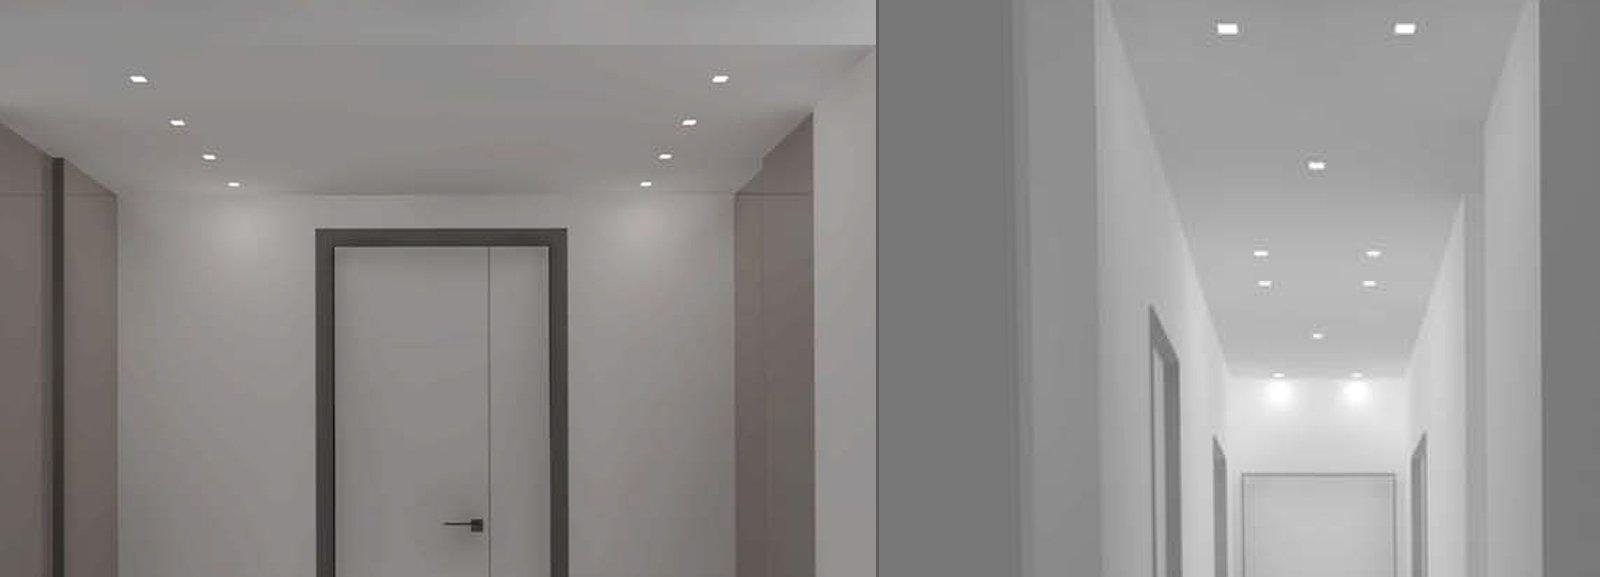 Illuminare gli ambienti con i faretti cose di casa for Faretti a led per casa